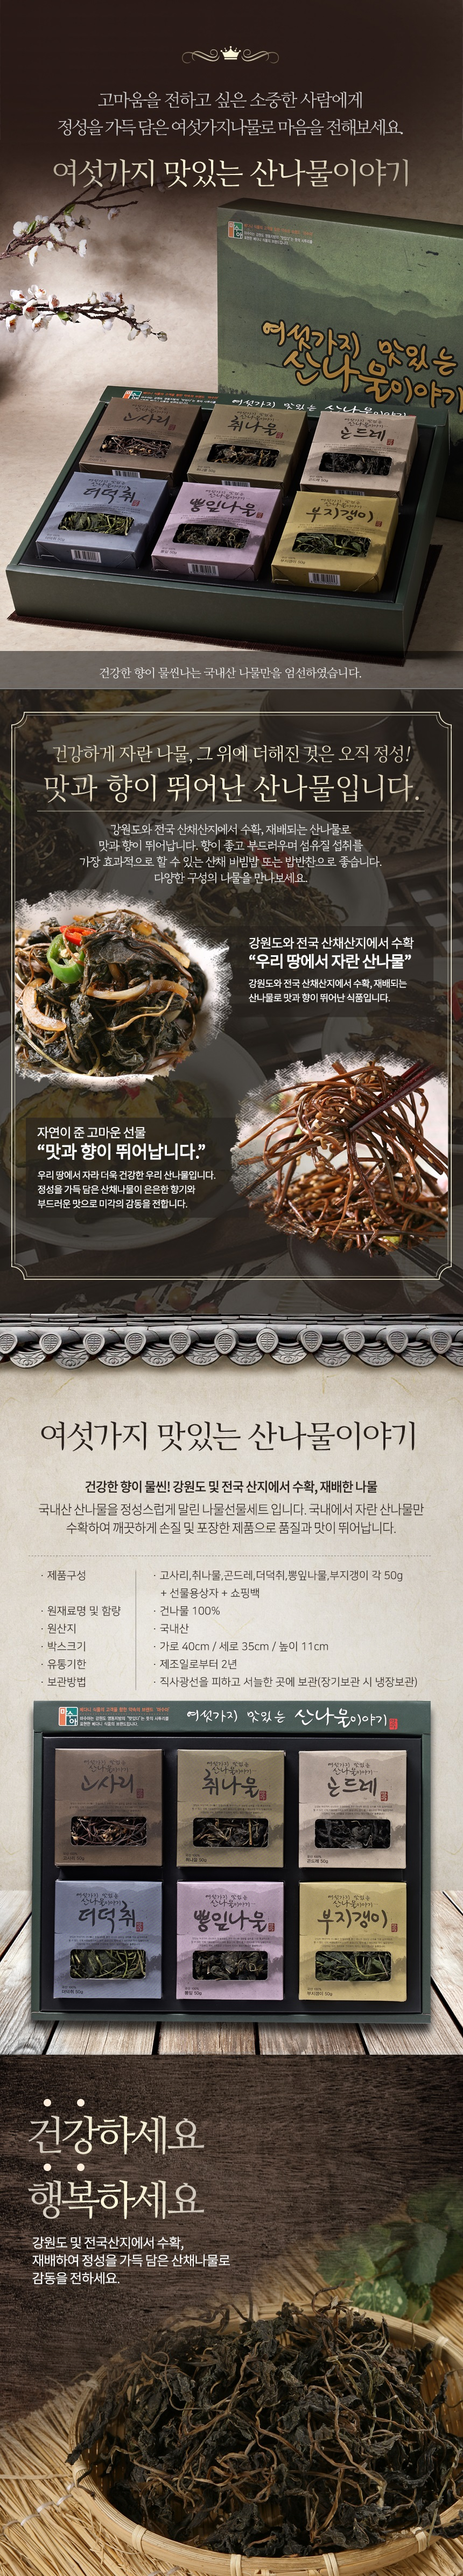 마수아 여섯가지 맛있는 산나물이야기 선물세트 고사리 취나물 더덕취 곤드레 곰취 부지갱이